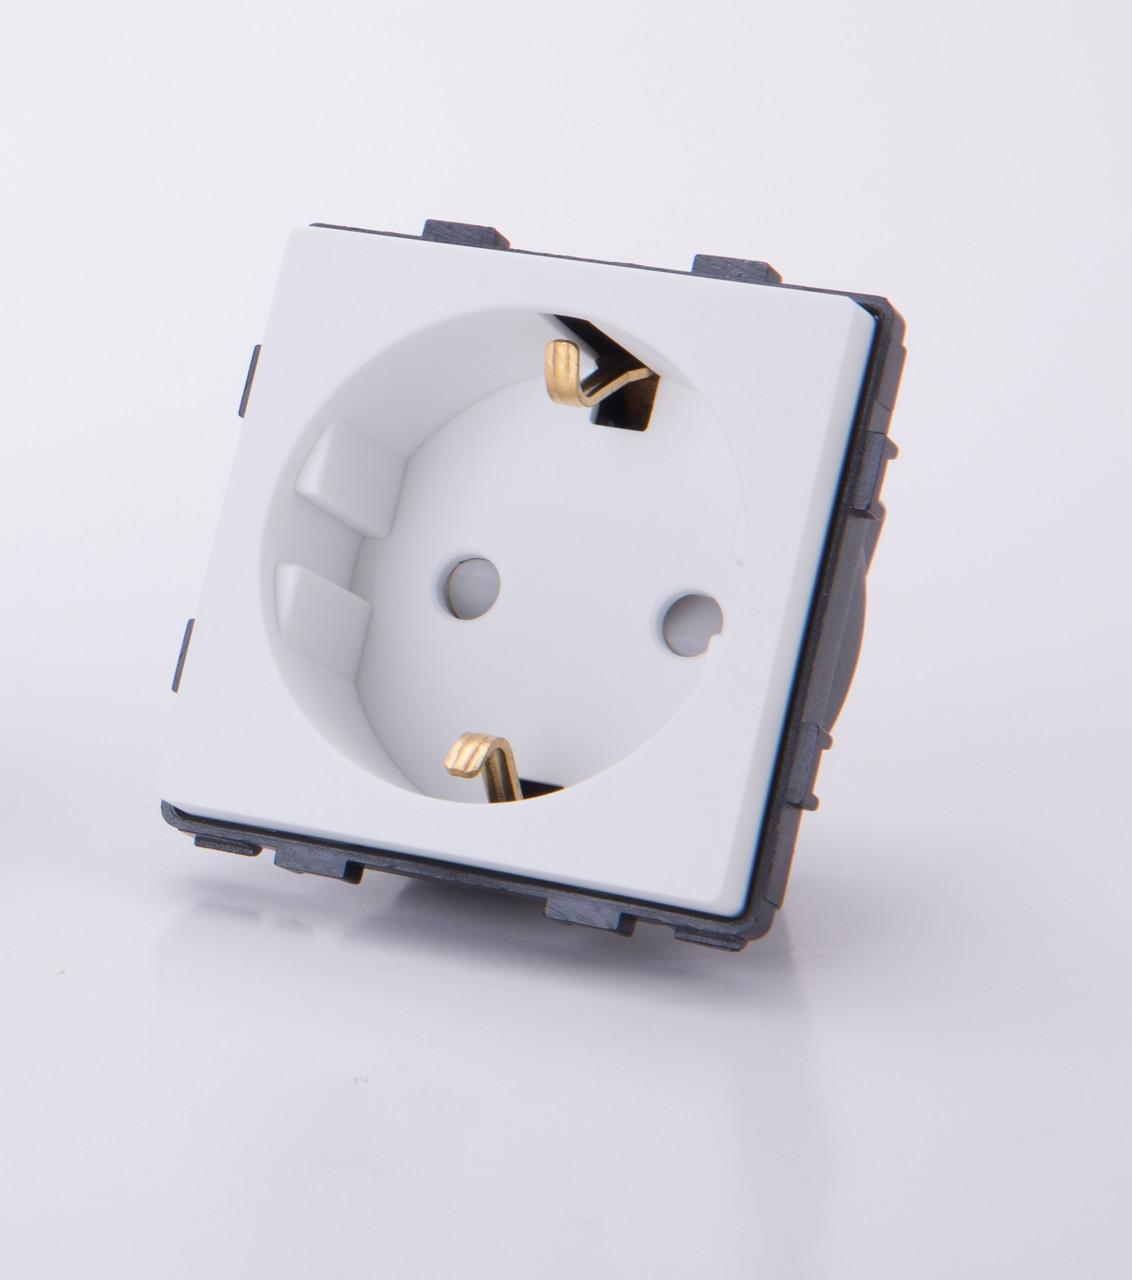 Модуль-розетка 220В, С занавесками, заземлением. Белый